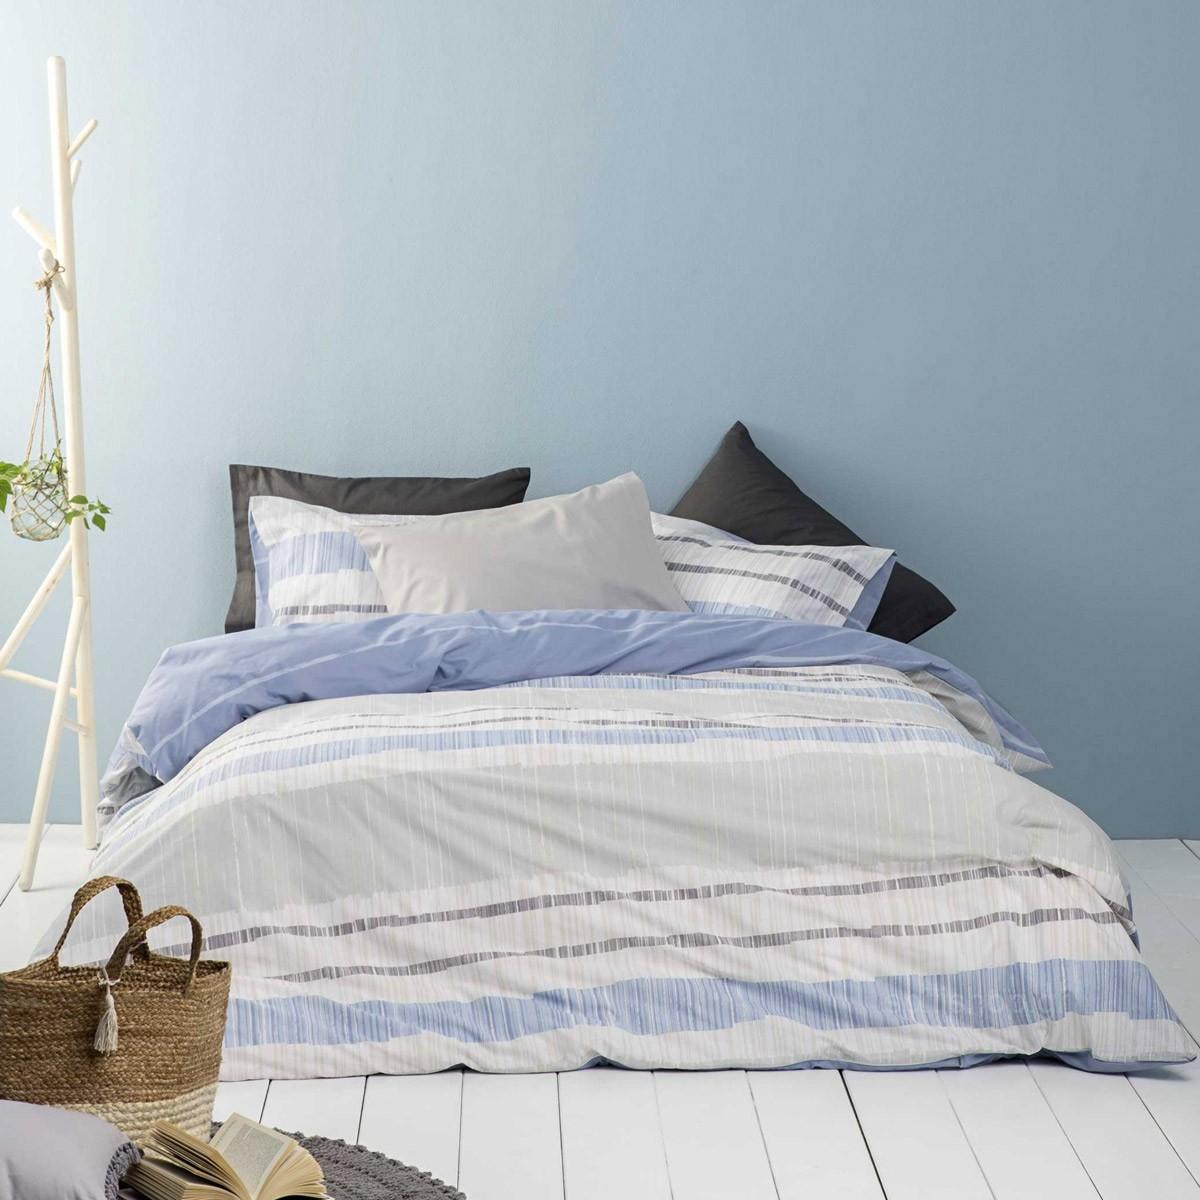 Σεντόνια Μονά (Σετ) Nima Bed Linen Rules Blue ΧΩΡΙΣ ΛΑΣΤΙΧΟ ΧΩΡΙΣ ΛΑΣΤΙΧΟ 89118